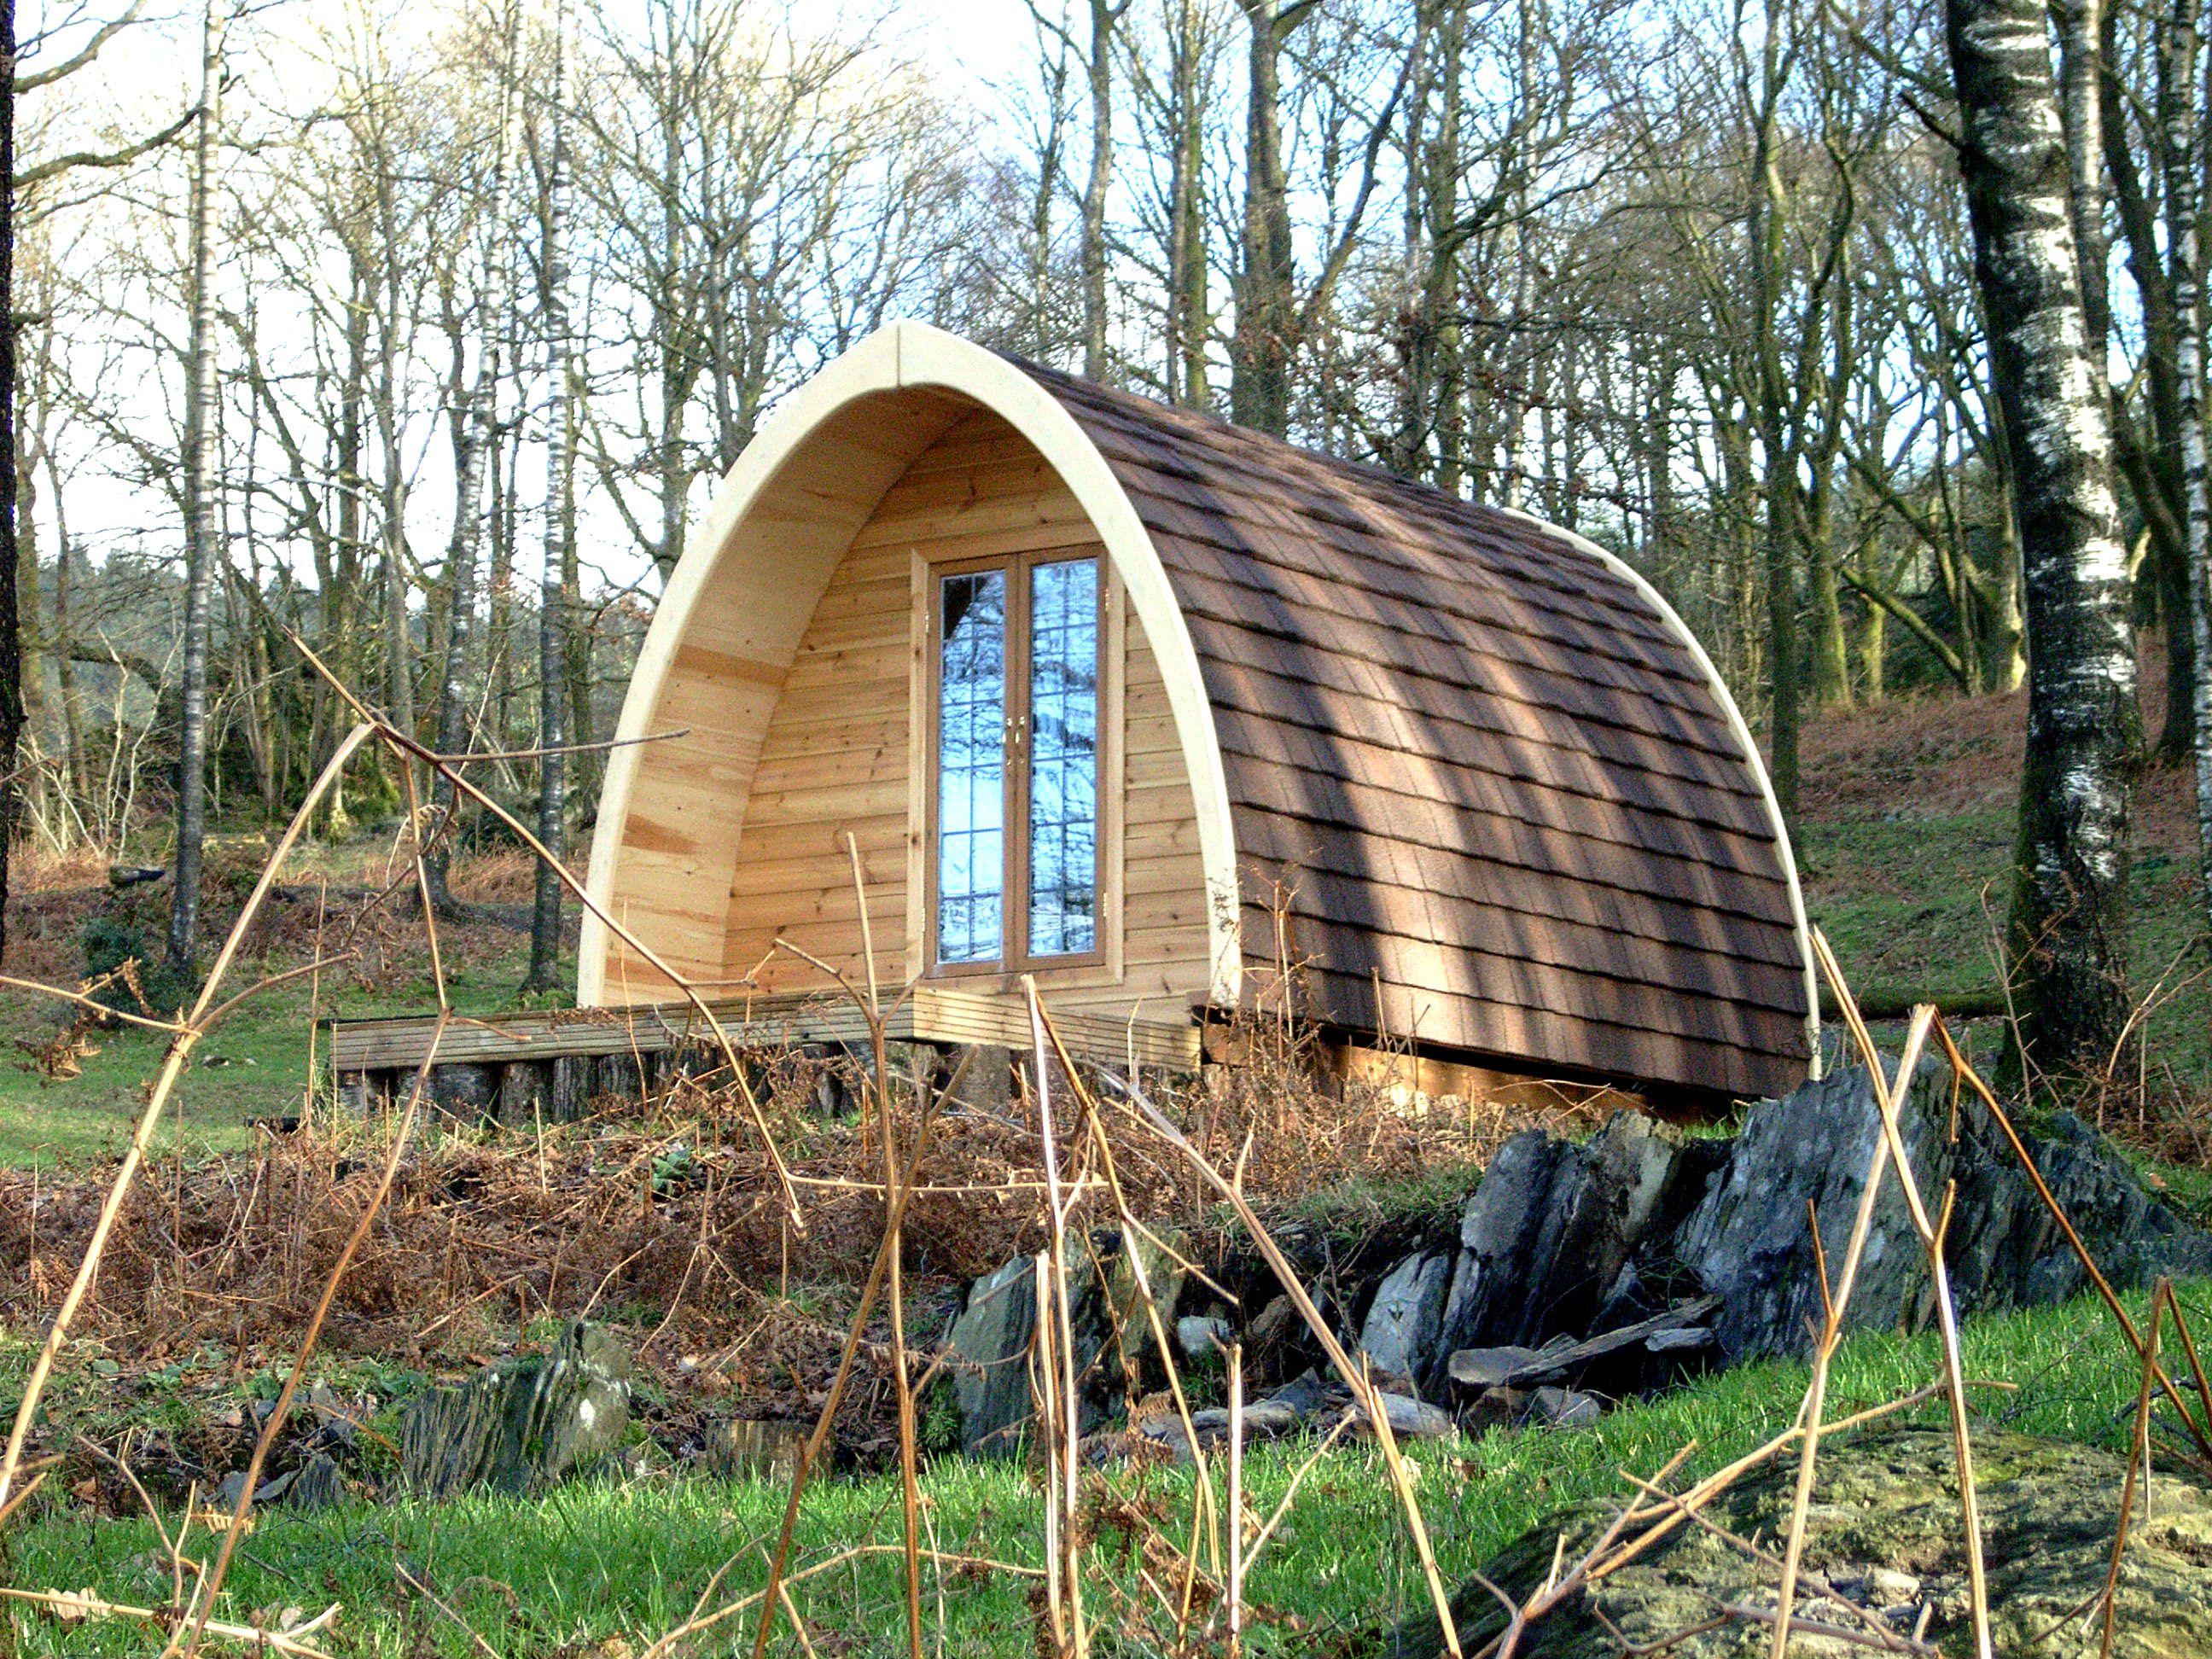 Le pod hébergement insolite pour camping chambre d h´tes h´tels